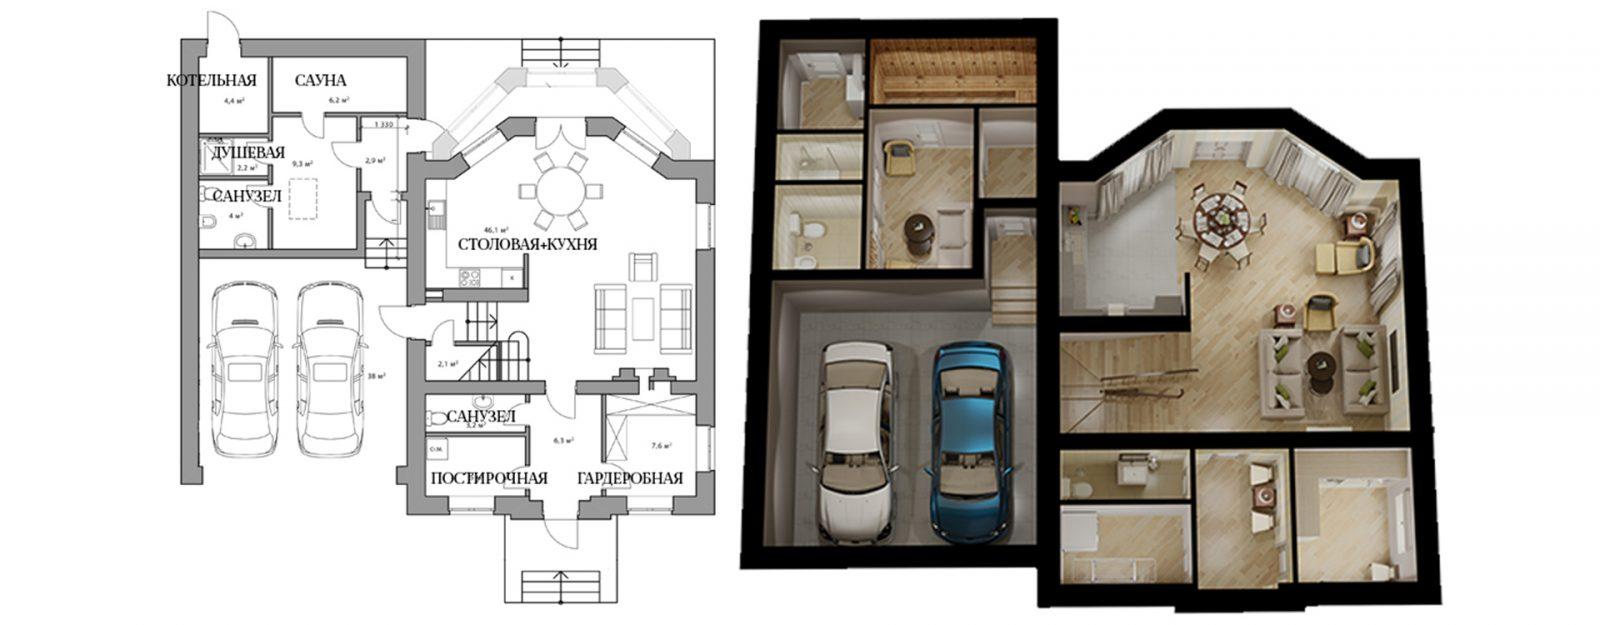 Коттедж «Одри» - план первого этажа